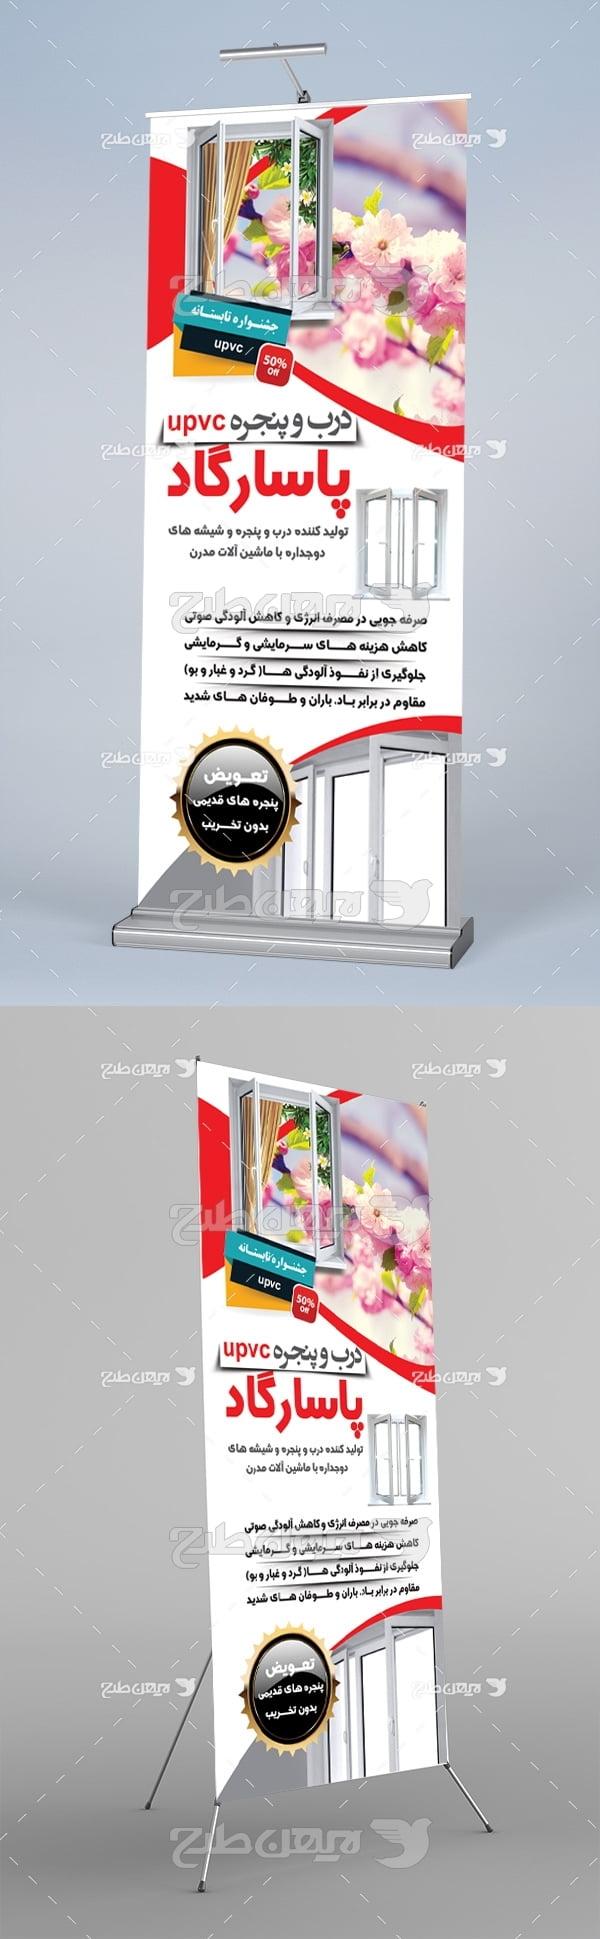 طرح لایه باز استند درب و پنجره upvc پاسارگاد